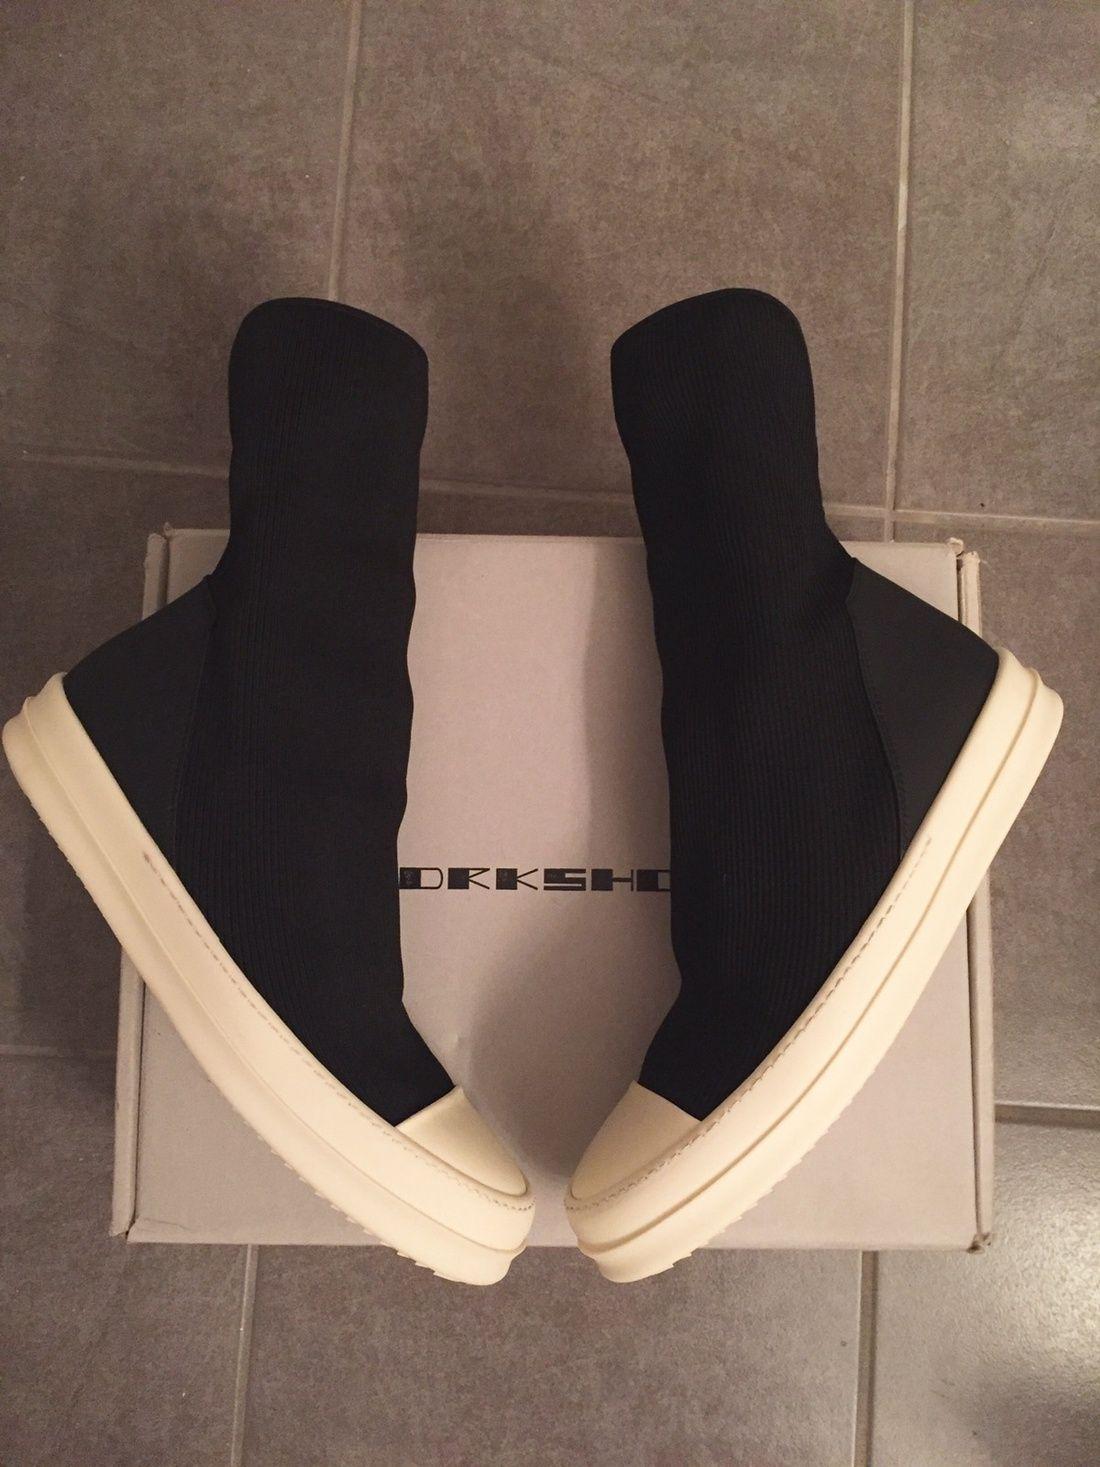 f7db25fc3656 Rick Owens Drkshdw Scuba Sock Size US 12 / EU 45